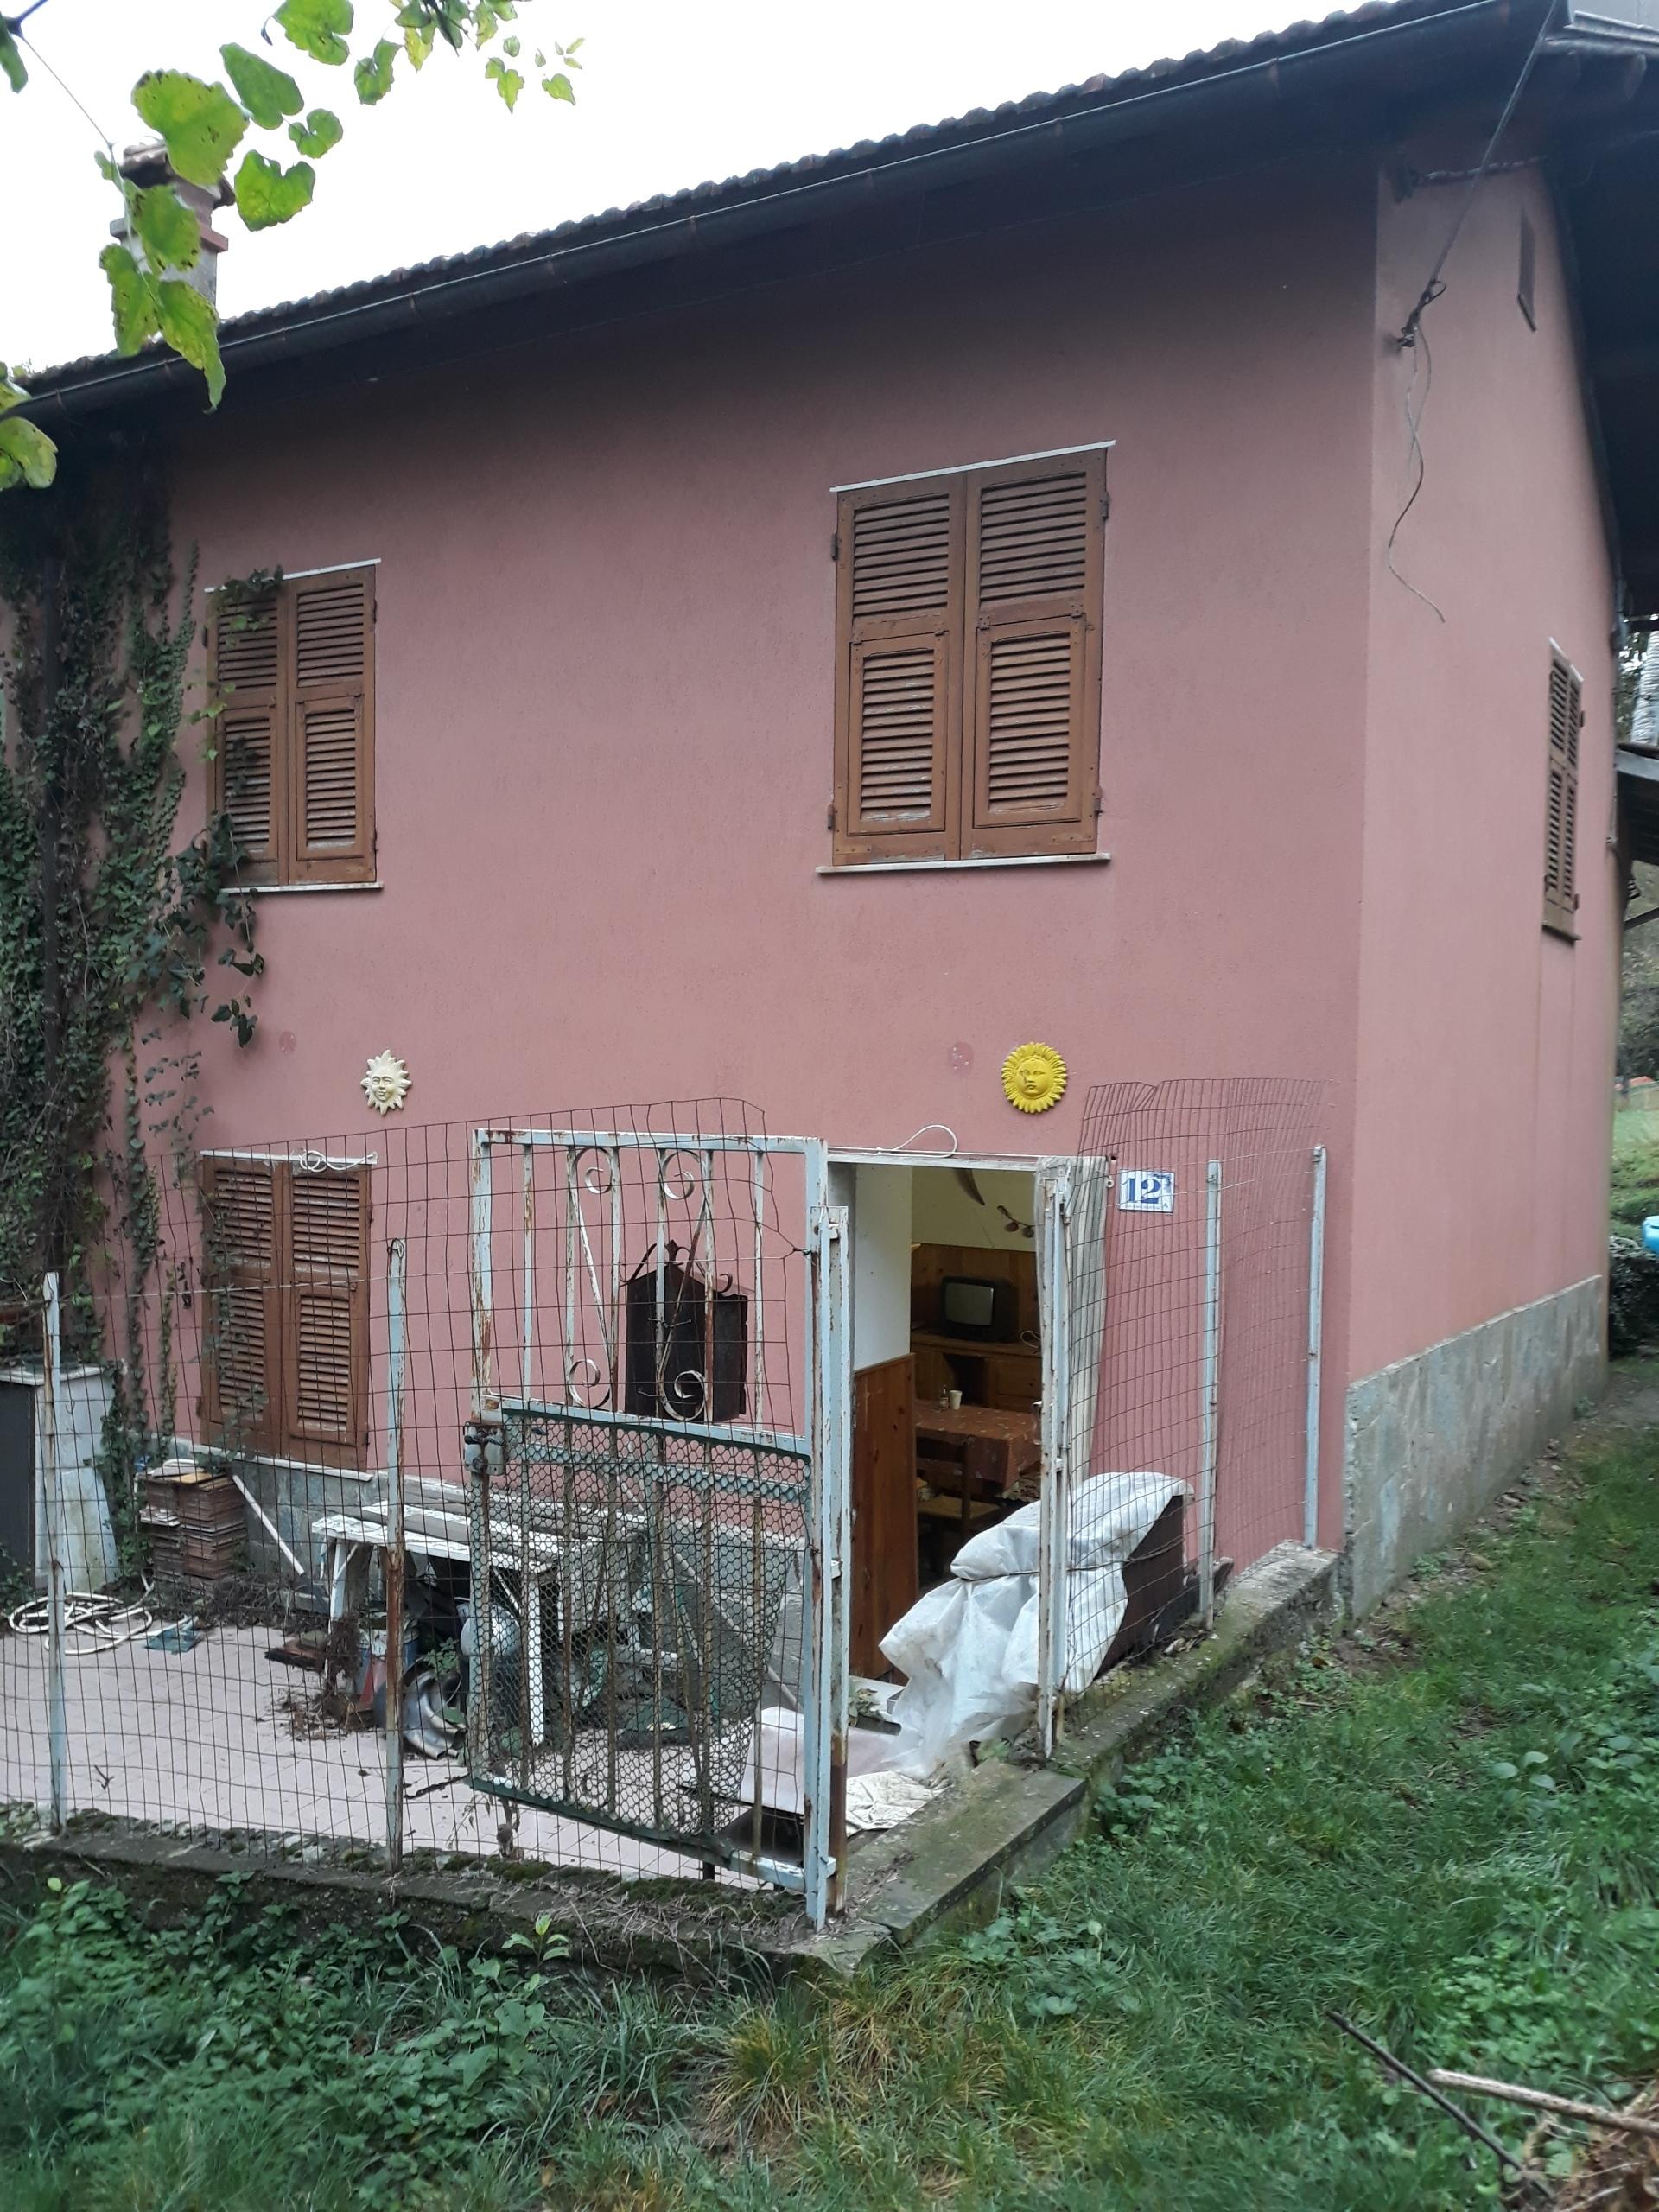 Codice 07 case rustico semi indipendente in vendita a torriglia immobiliare il perimetro - Valutazione immobile casa it ...